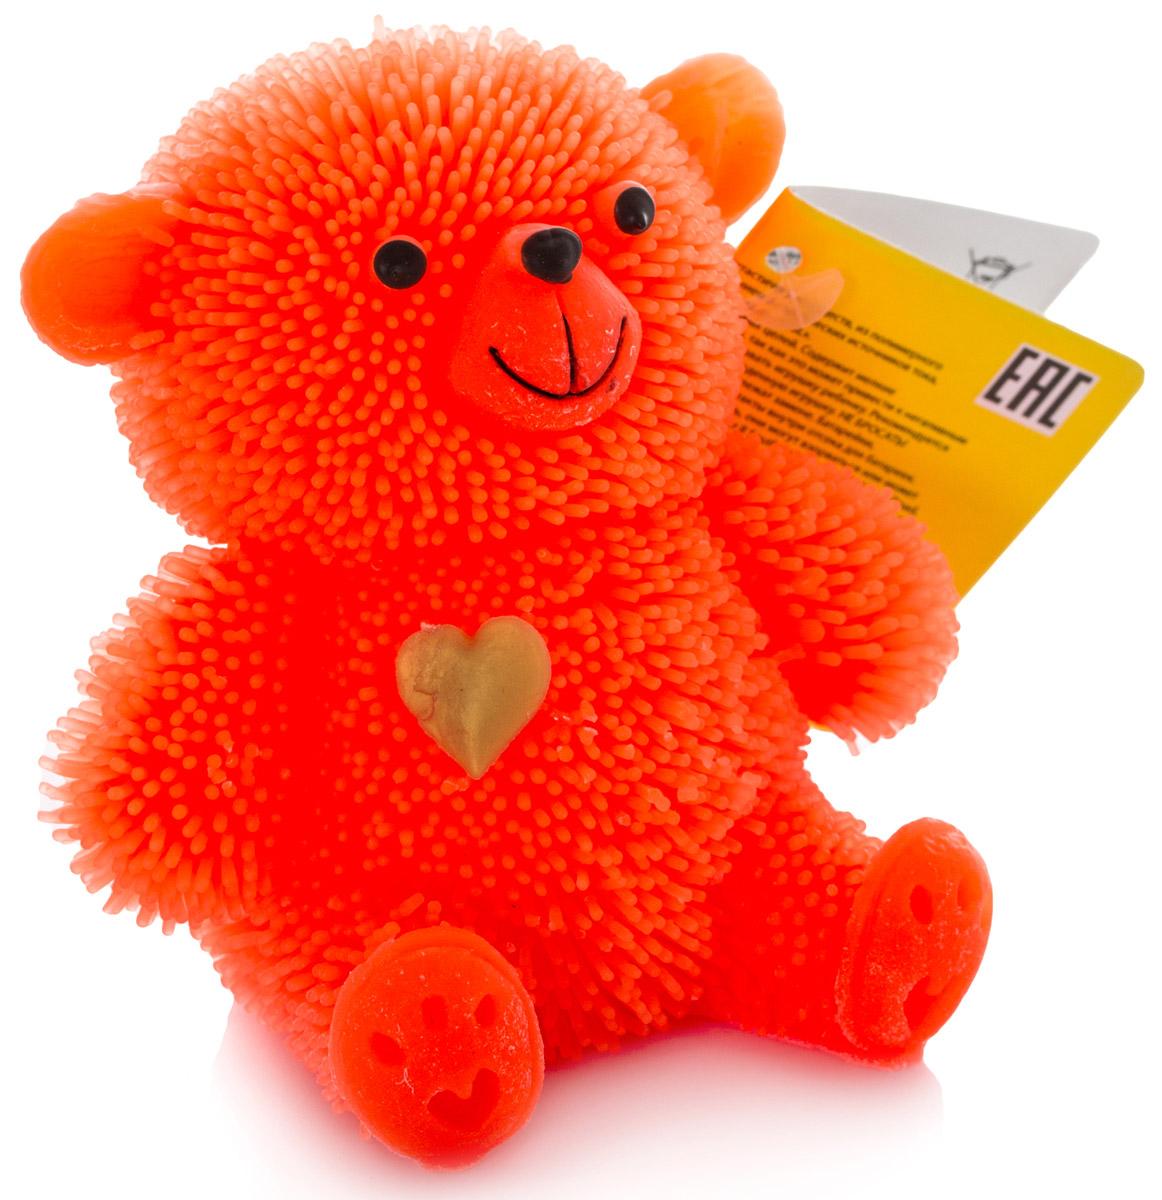 HGL Фигурка Медведь с подсветкой цвет коралловый hgl фигурка черепаха с подсветкой цвет ярко оранжевый